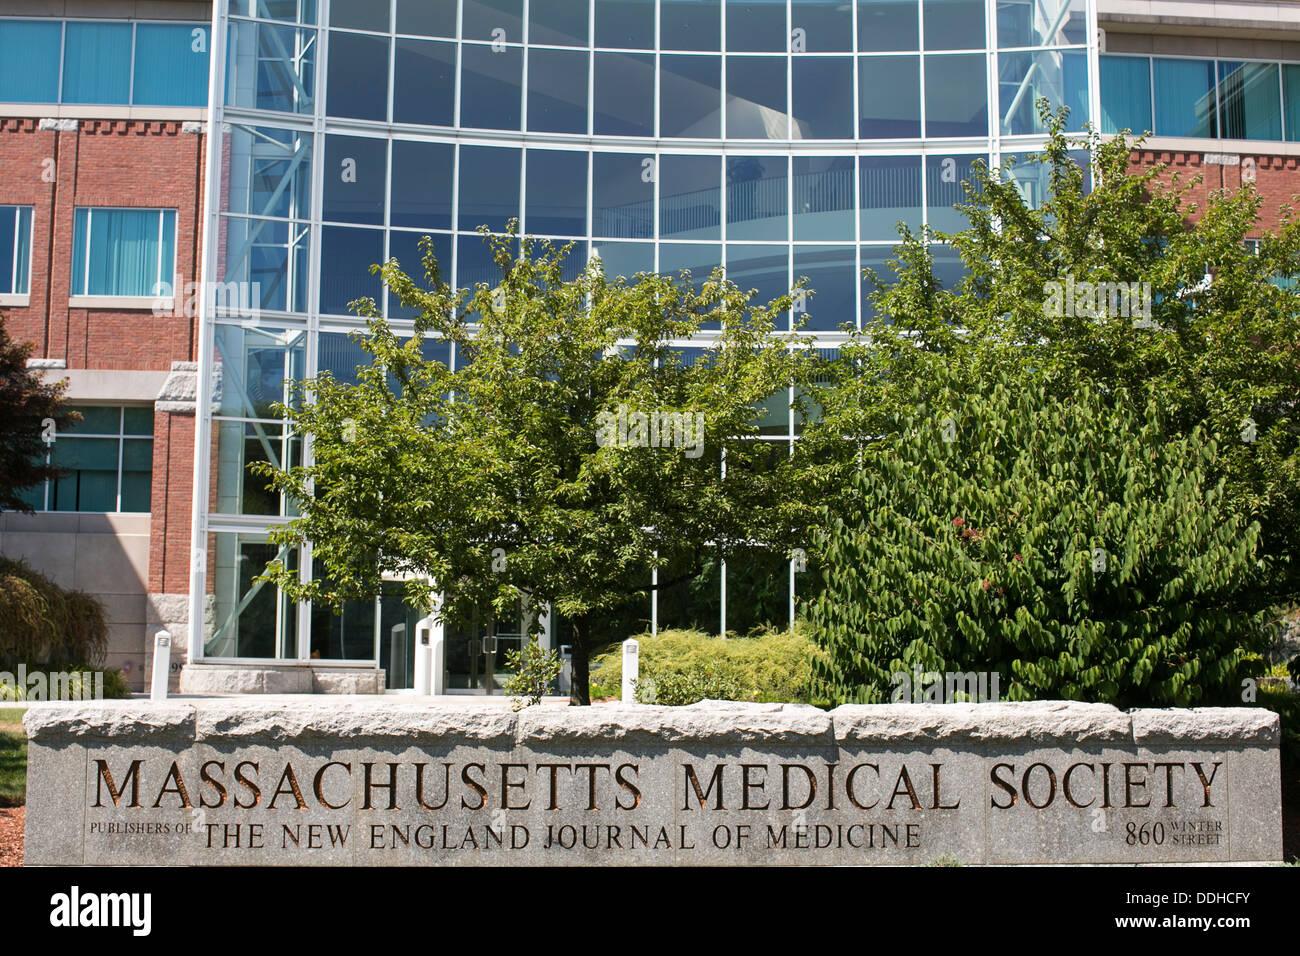 Der Hauptsitz der Massachusetts Medical Society, der Herausgeber des New England Journal Of Medicine. Stockbild